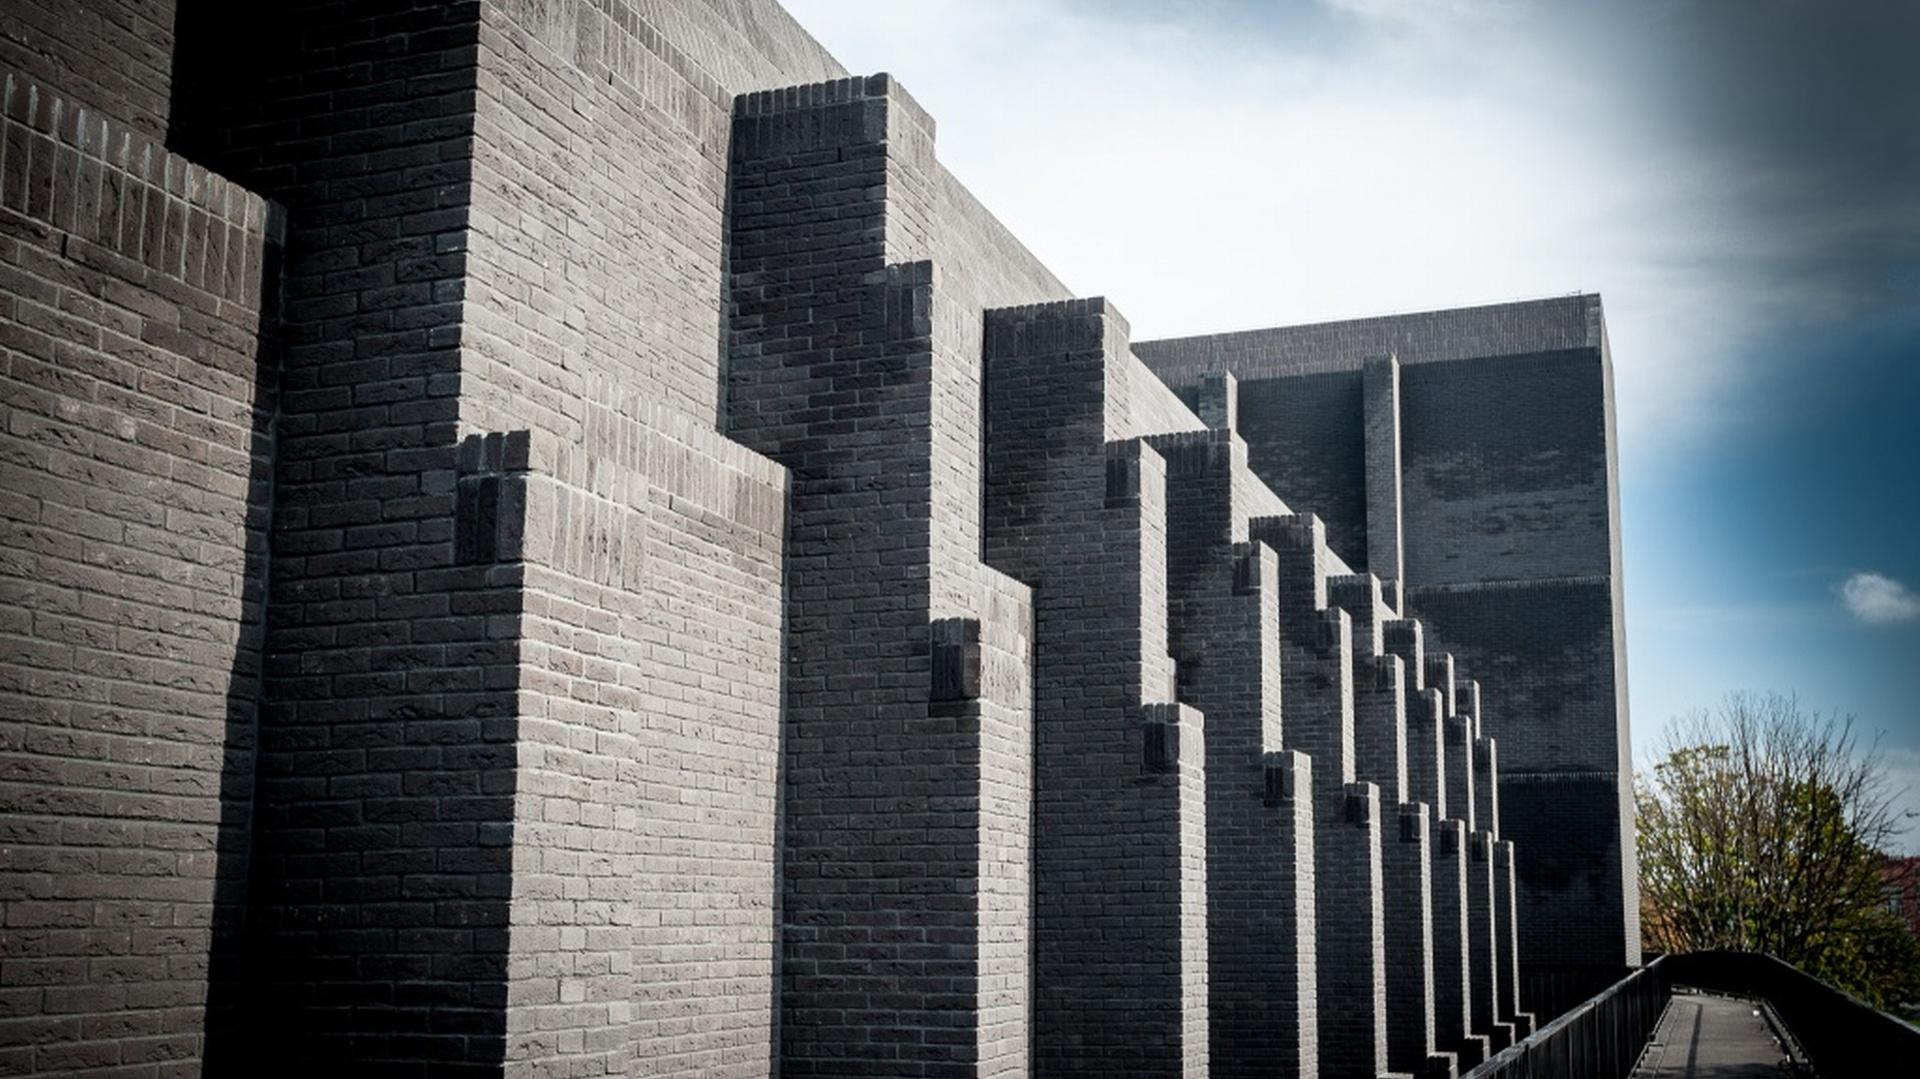 Fasada gdańskiego Teatru Szekspirowskiego. Fot. Dawid Linkowski